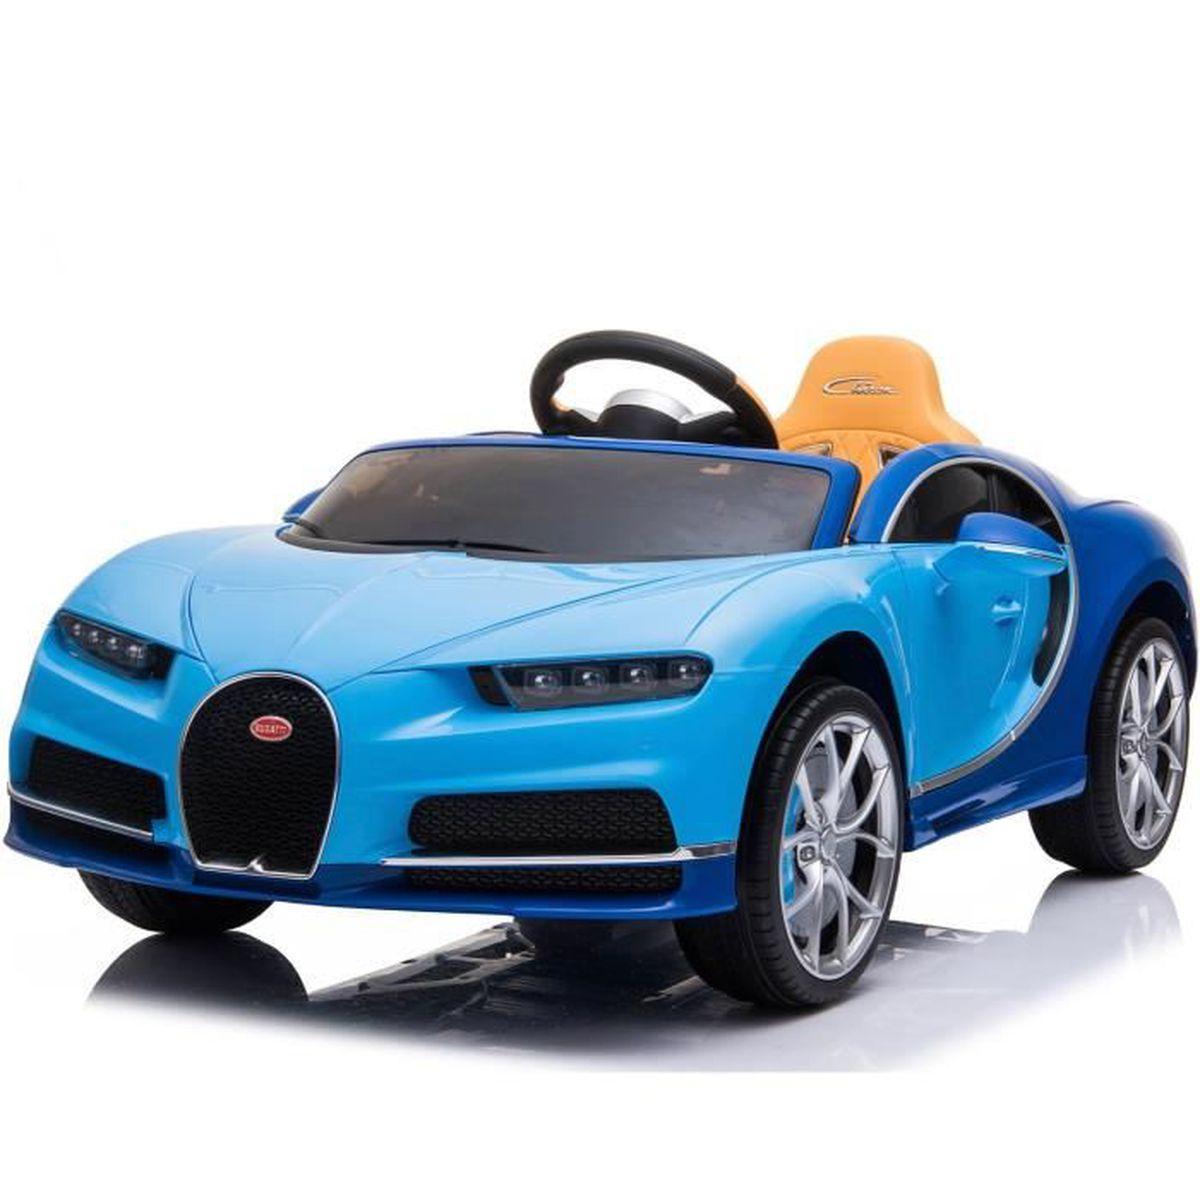 VOITURE ELECTRIQUE ENFANT Bugatti Chiron, Bleu, Licence originale, À piles,